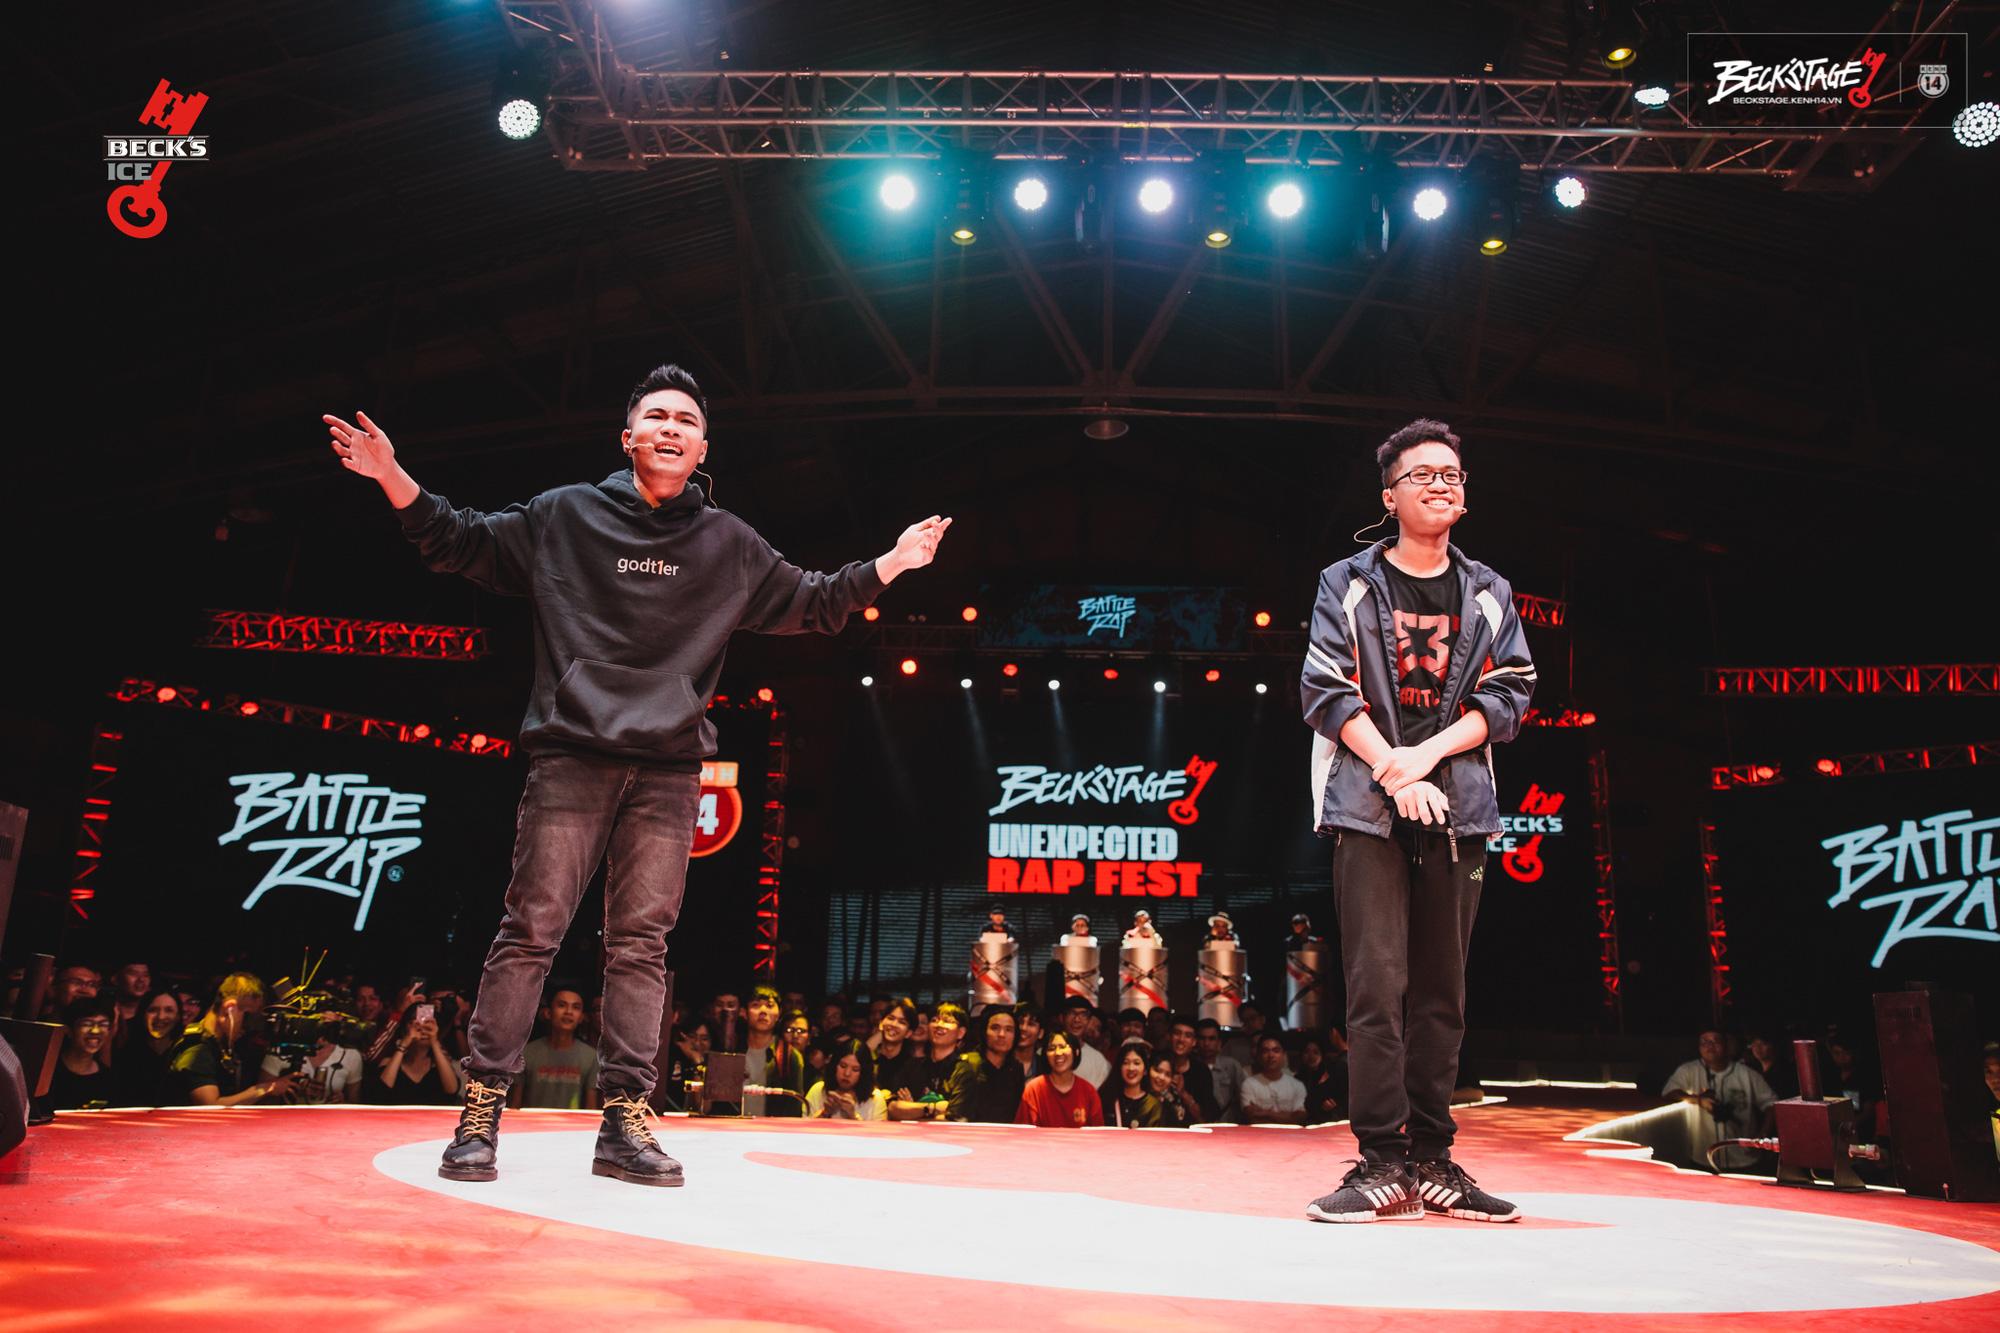 Ngôi vô địch BeckStage Battle Rap đã có chủ: Sóc Nâu và Phúc Du giành lấy ngôi vương đầy thuyết phục, một tương lai đầy hy vọng của rap Việt! - Ảnh 11.